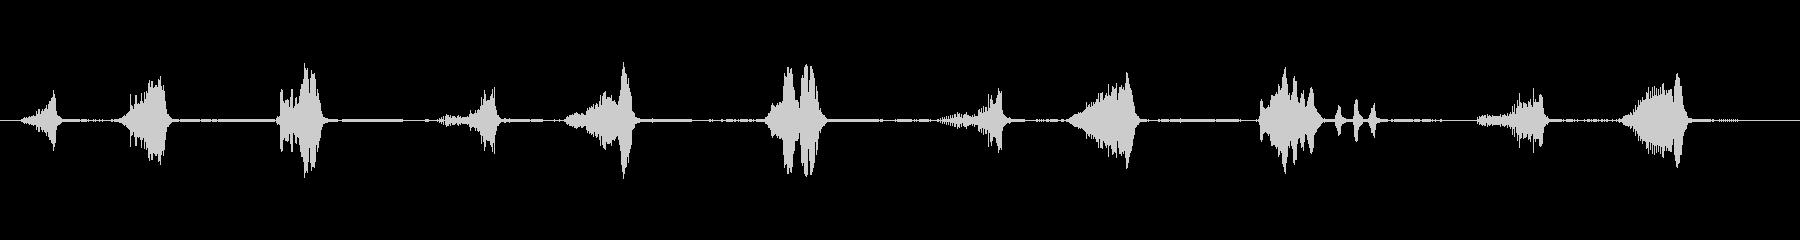 ザトウクジラ:水中コミュニケーショ...の未再生の波形